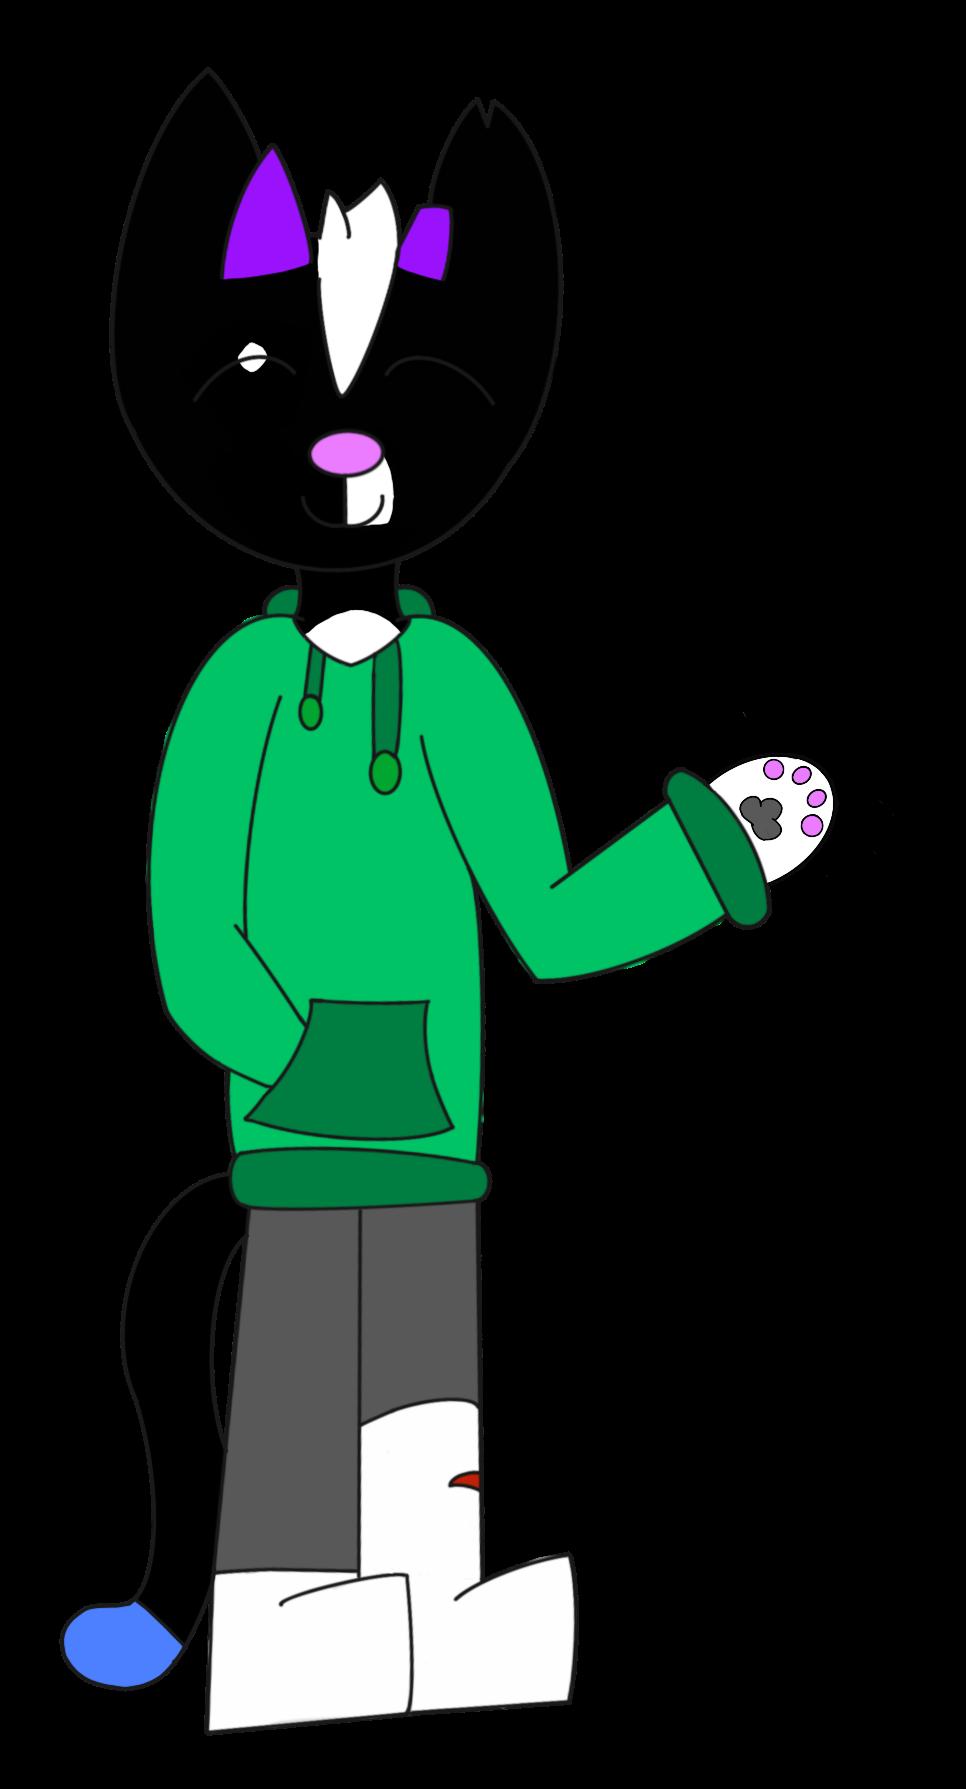 Most recent character: Saffy